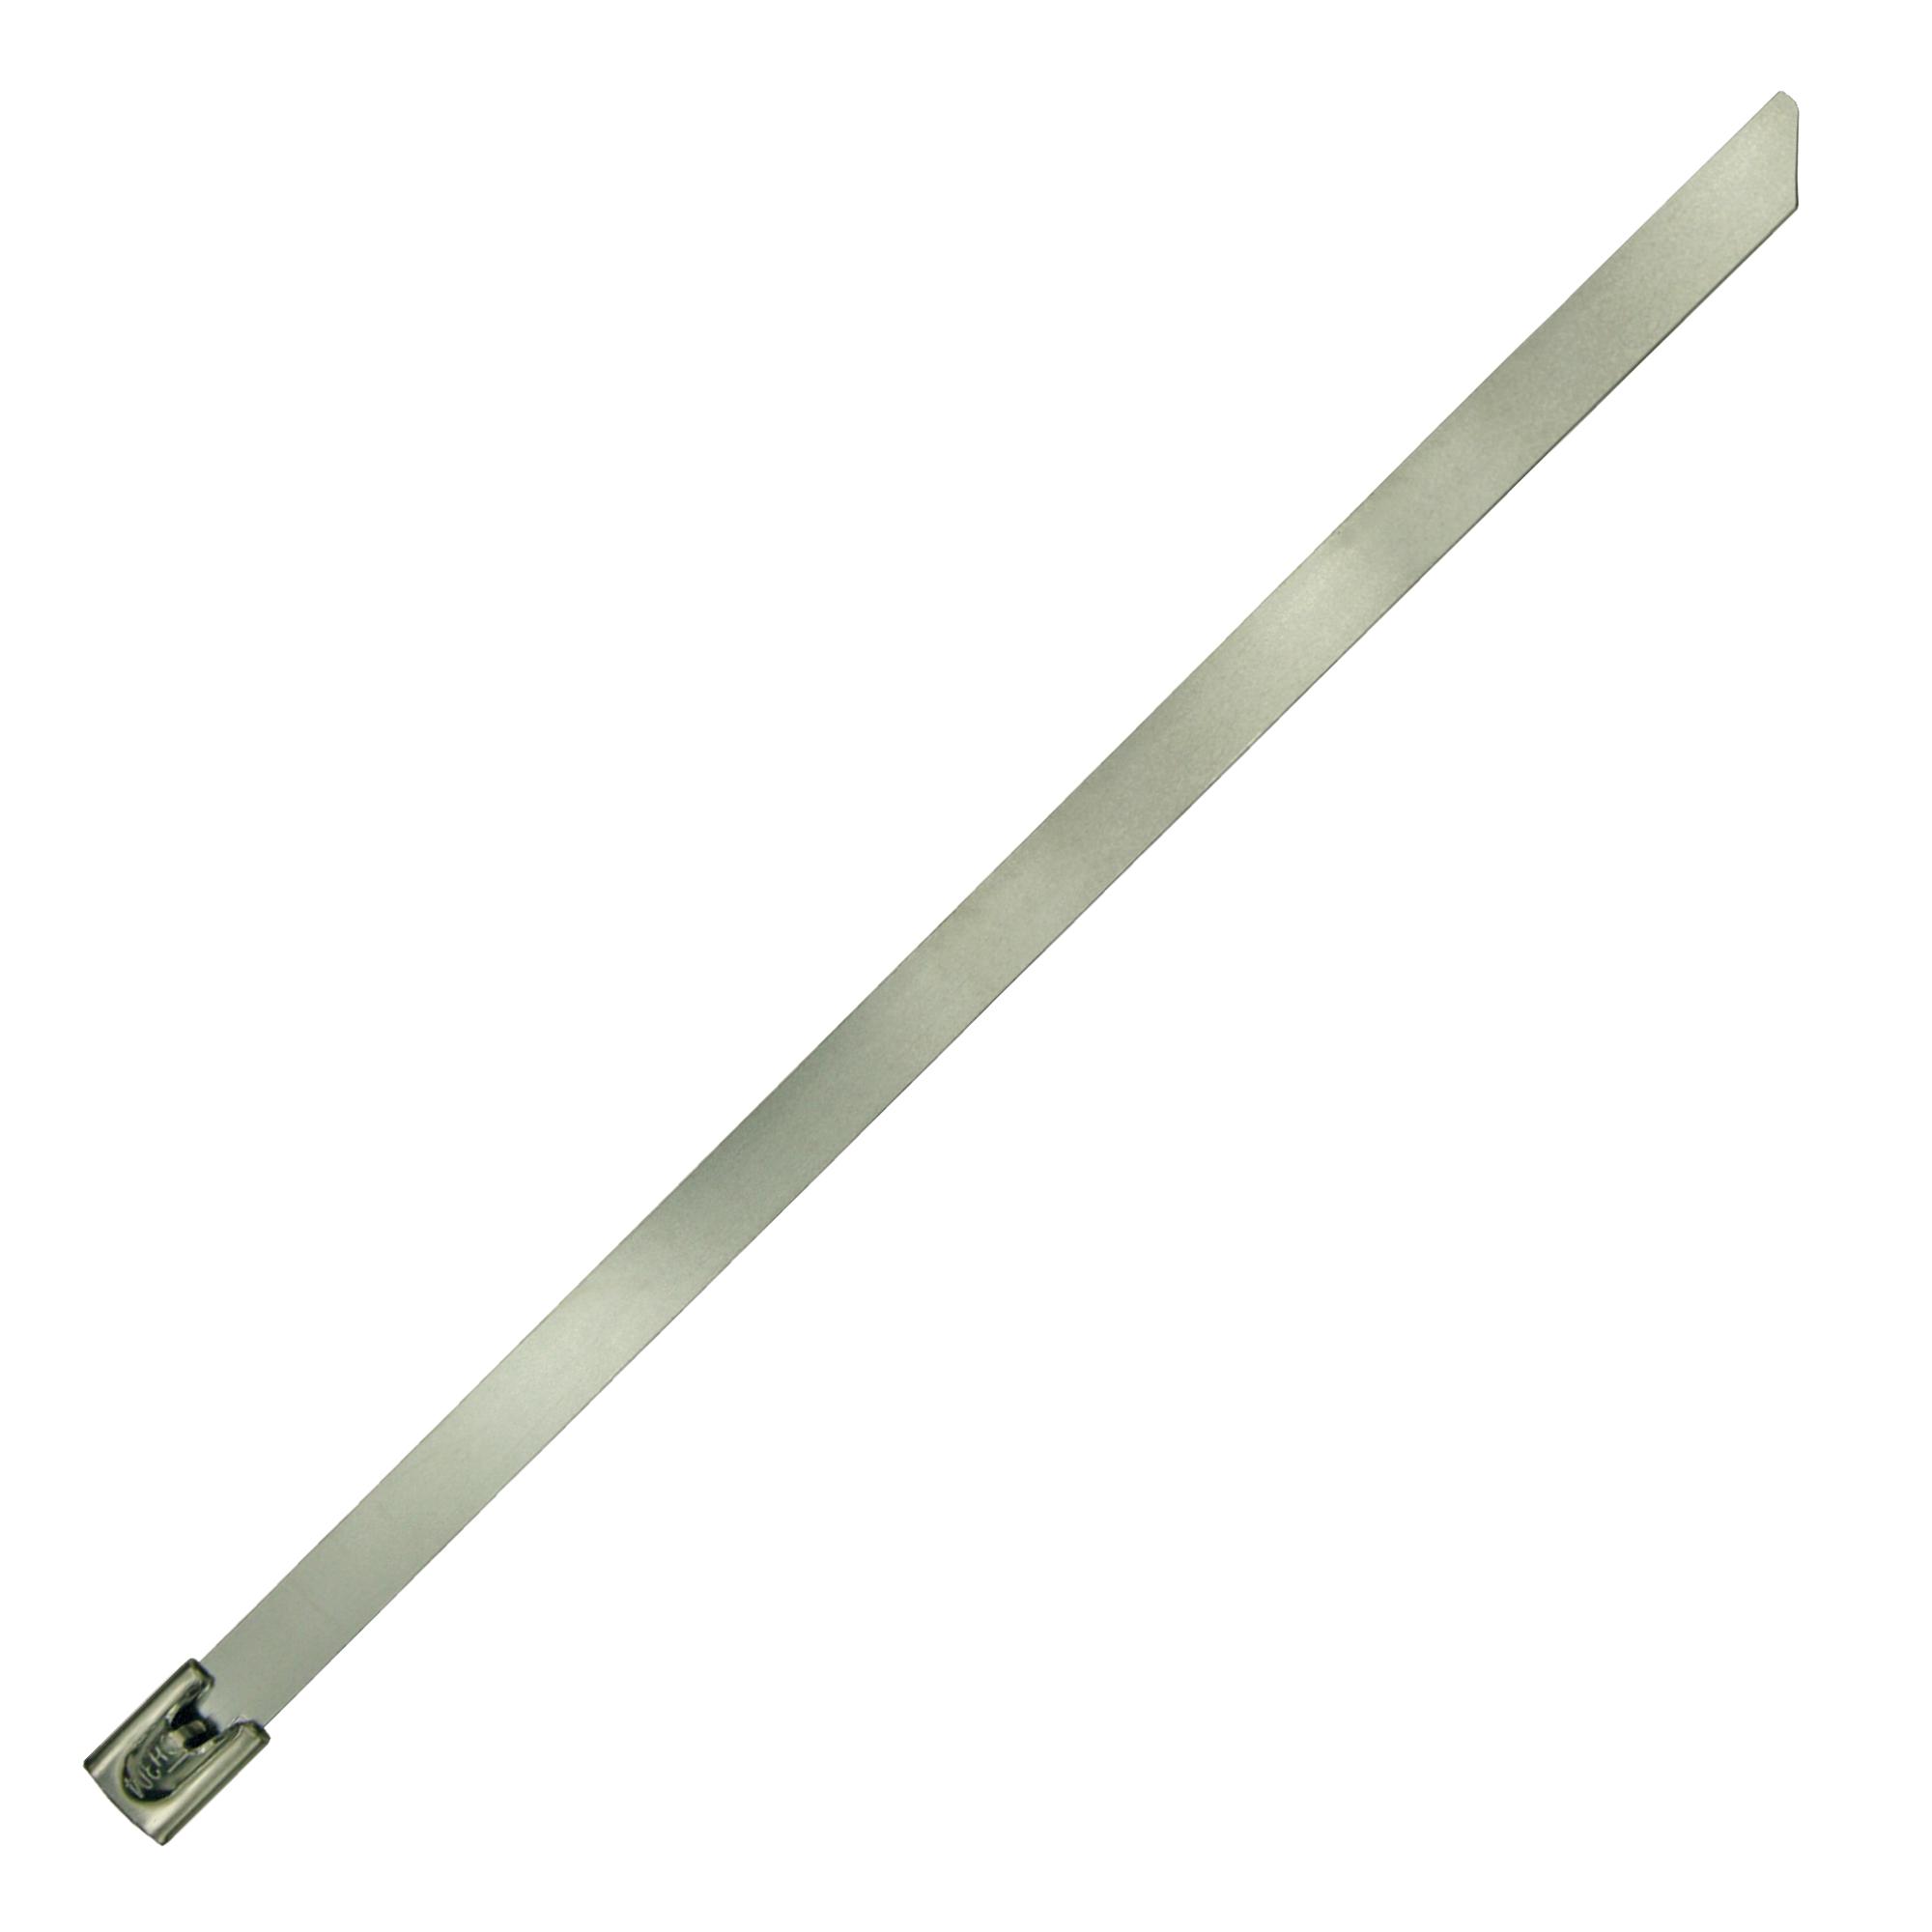 Edelstahl-Kabelbinder